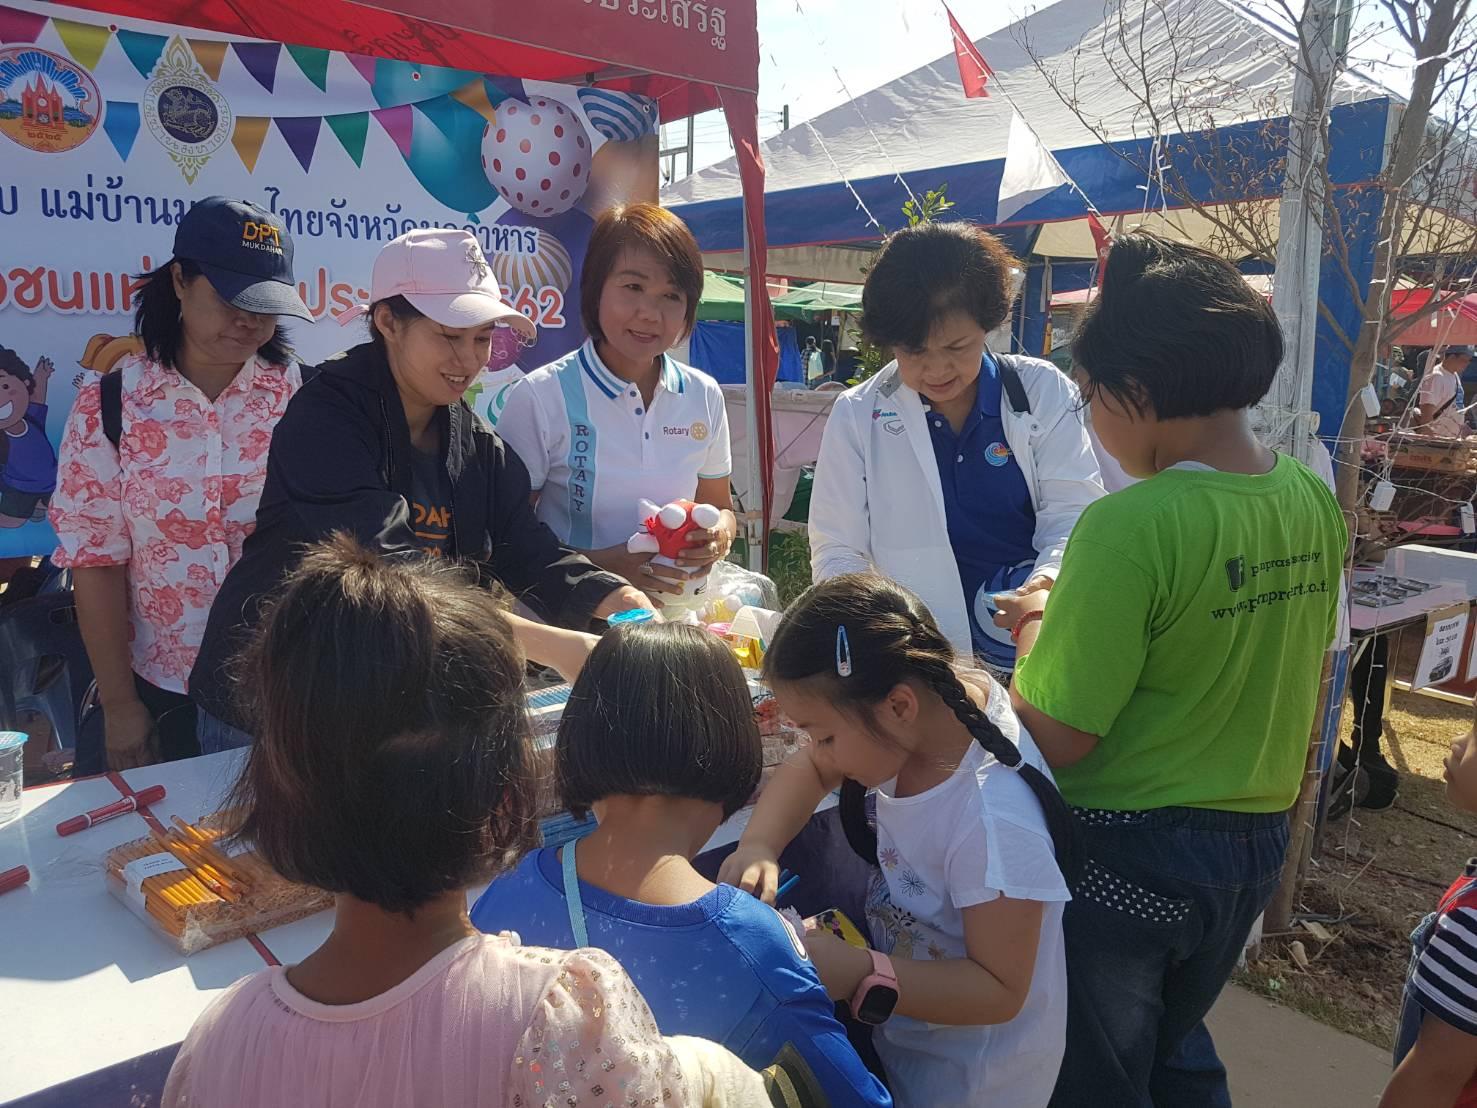 สโมสรโรตารีมุกดาหารร่วมกิจกรรมวันเด็กแห่งชาติ